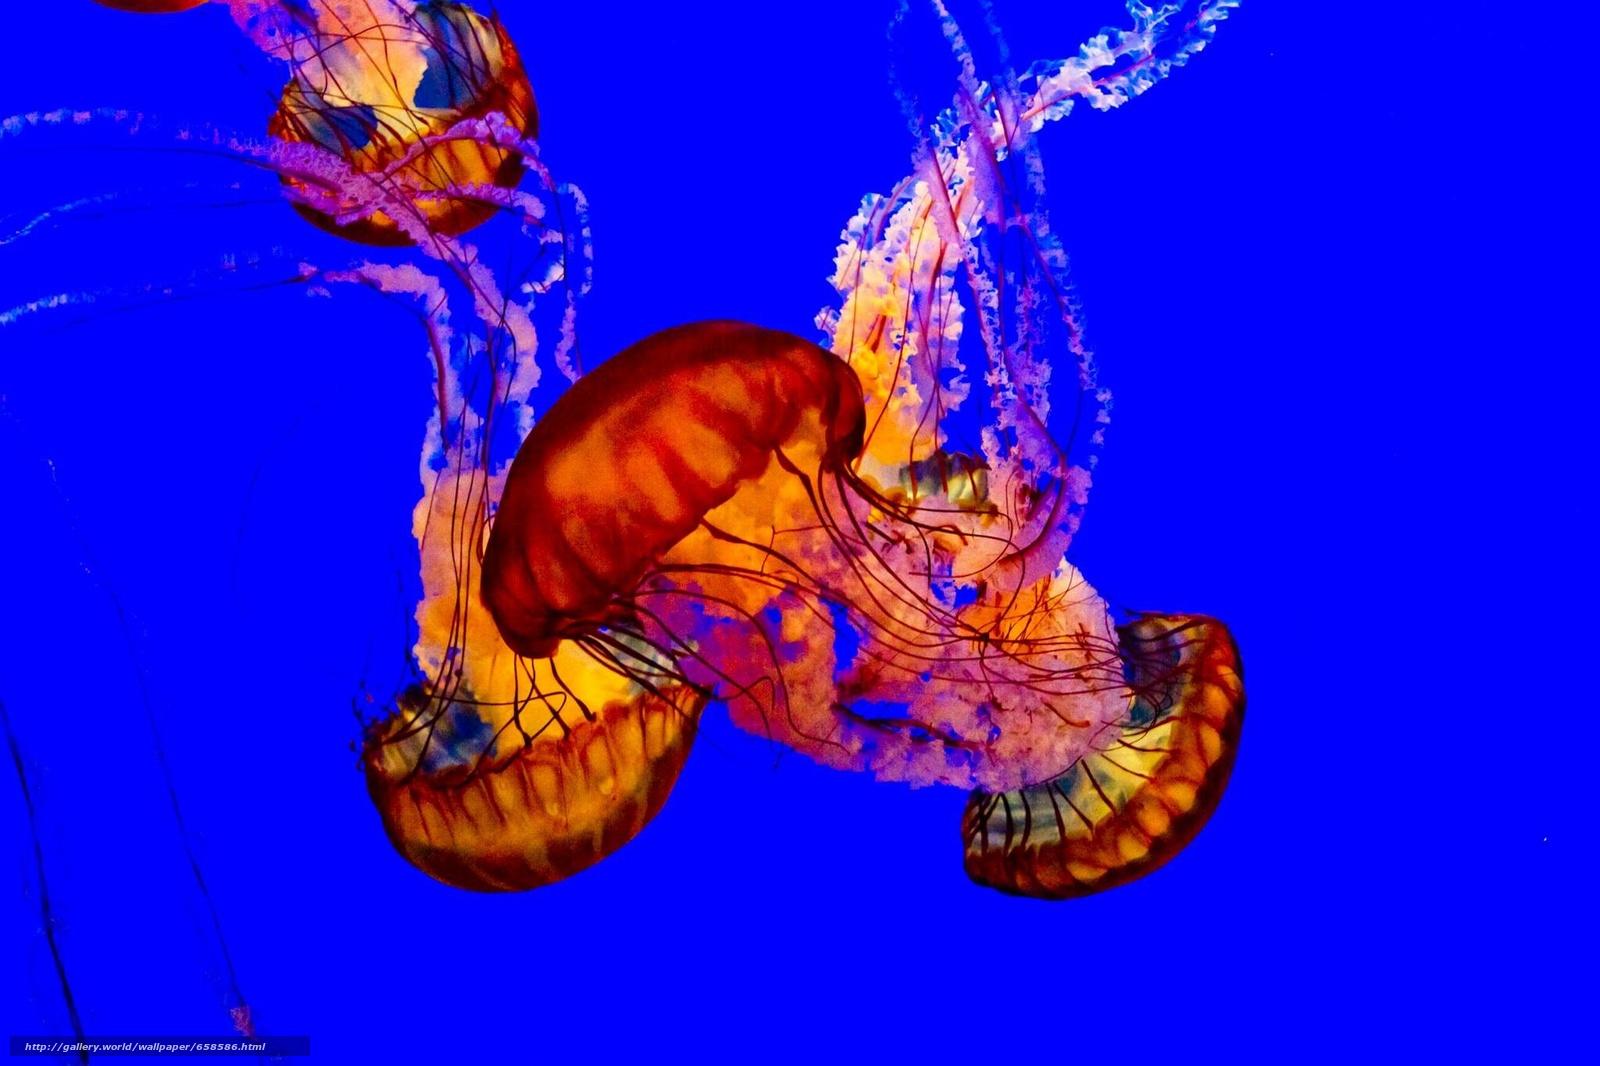 pobra tapety meduza,  Meduza,  Podwodny świat,  woda Darmowe tapety na pulpit rozdzielczoci 2048x1365 — zdjcie №658586